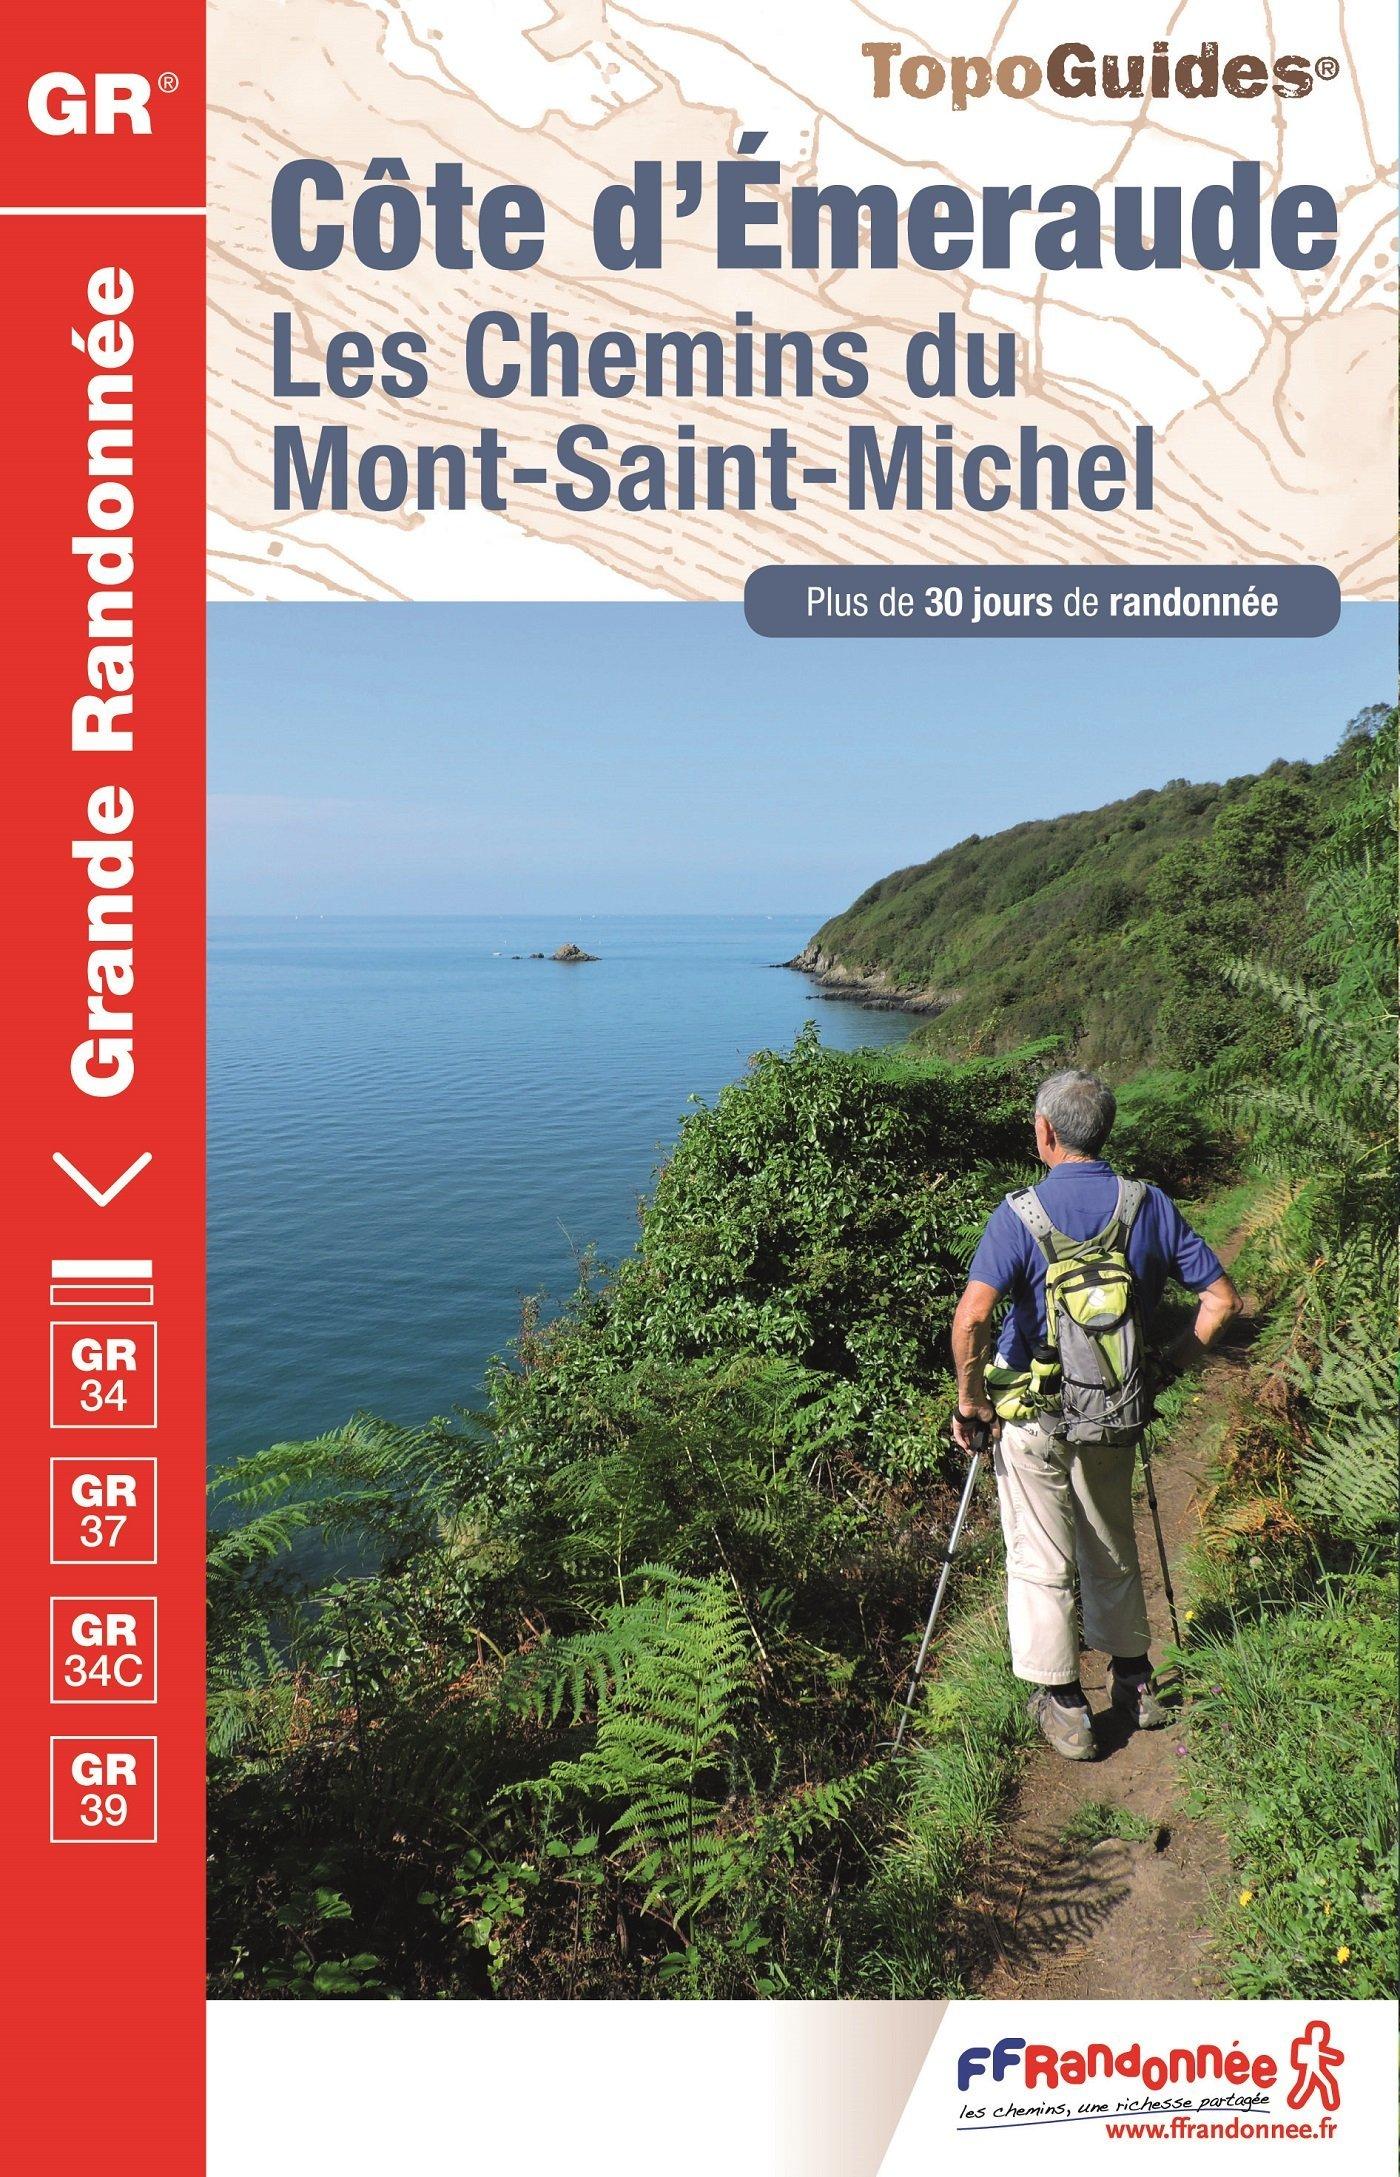 Côte d'Emeraude : Les chemins du Mont-Saint-Michel Broché – 9 juin 2016 FFRandonnée 2751408494 France Gazetteers & Maps)